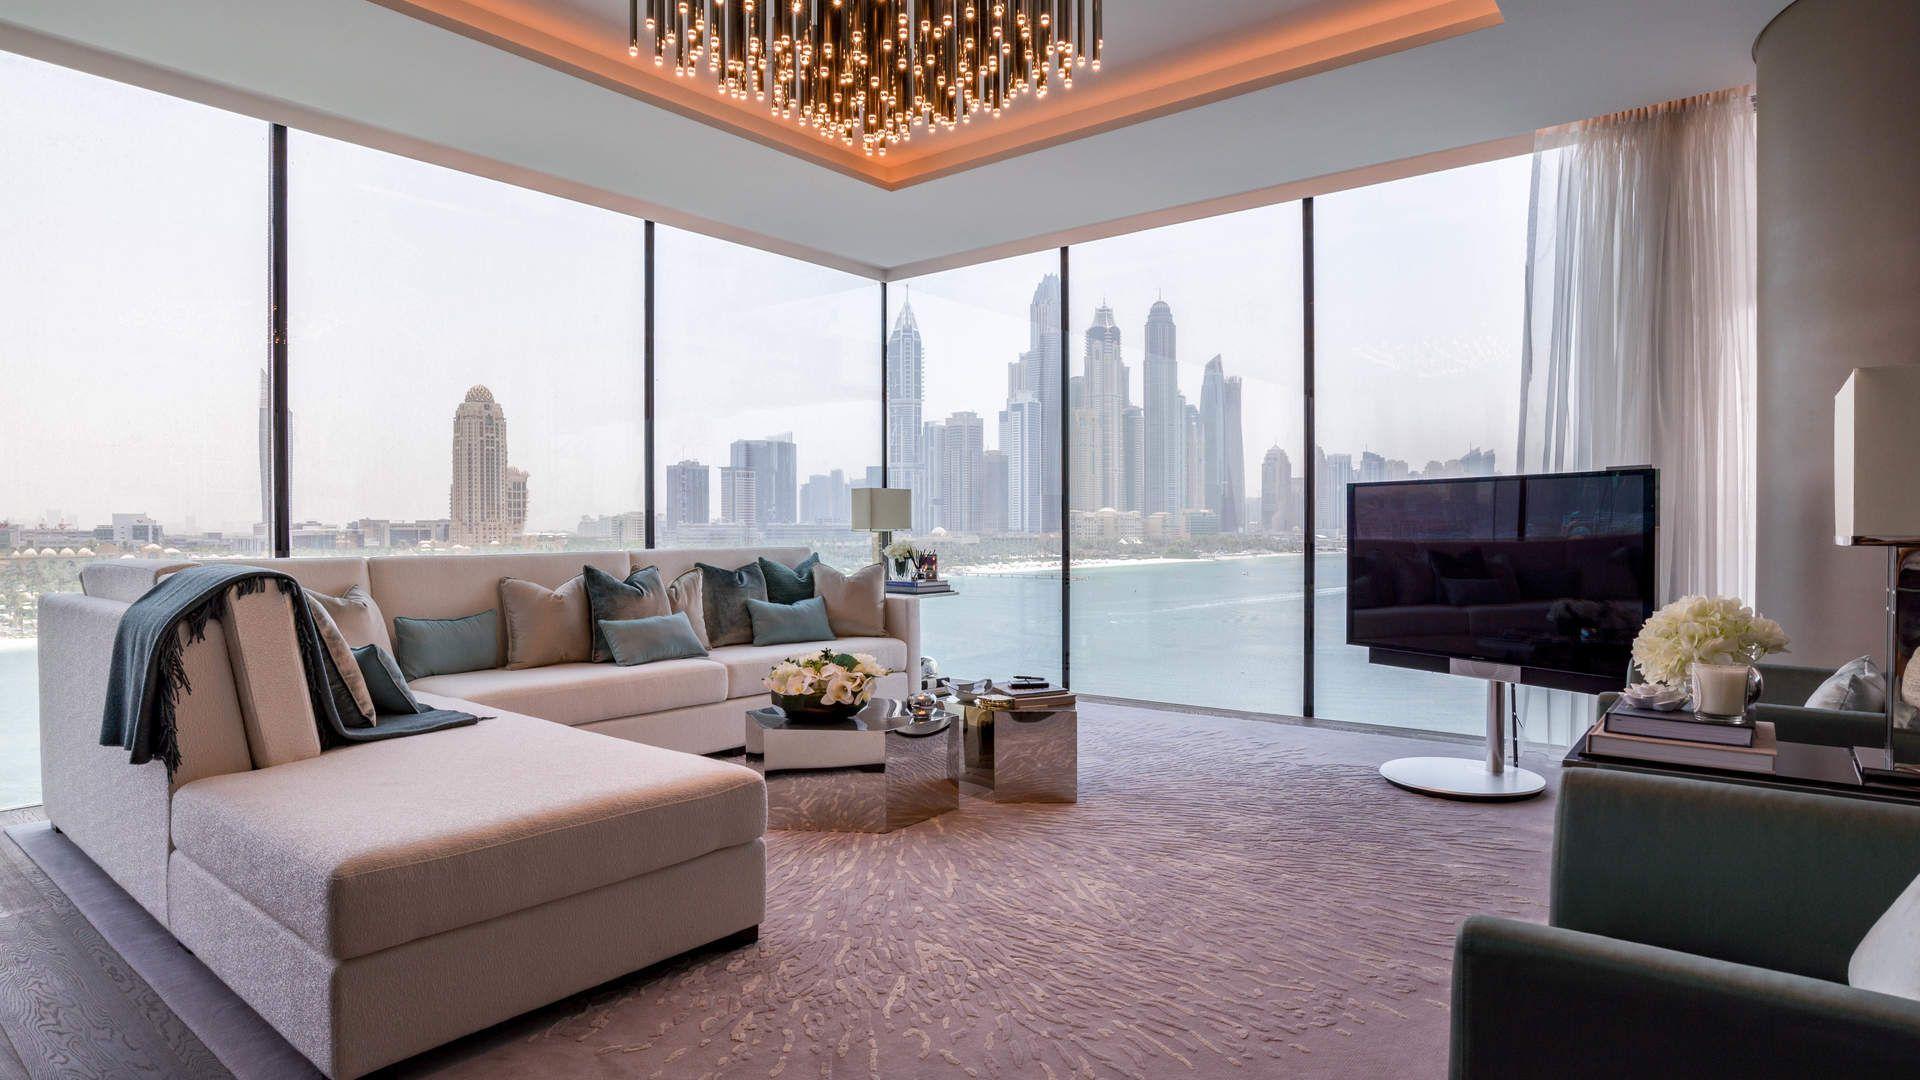 Villa en venta en Dubai, EAU, 4 dormitorios, 403 m2, № 24304 – foto 2